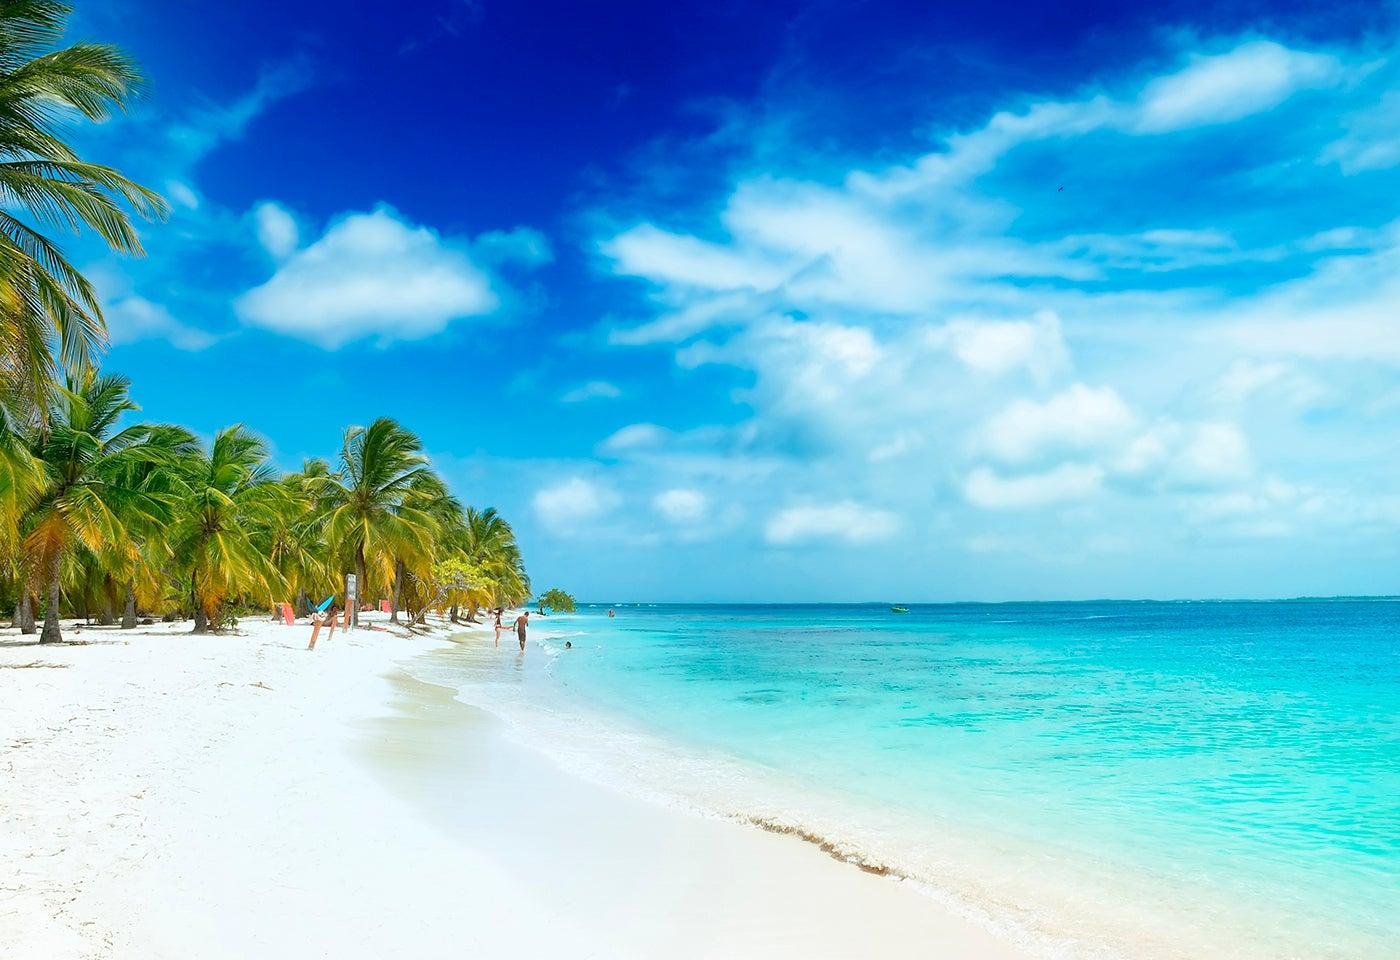 ¿Pensando en viajar al Caribe? Te ayudamos a organizarlo